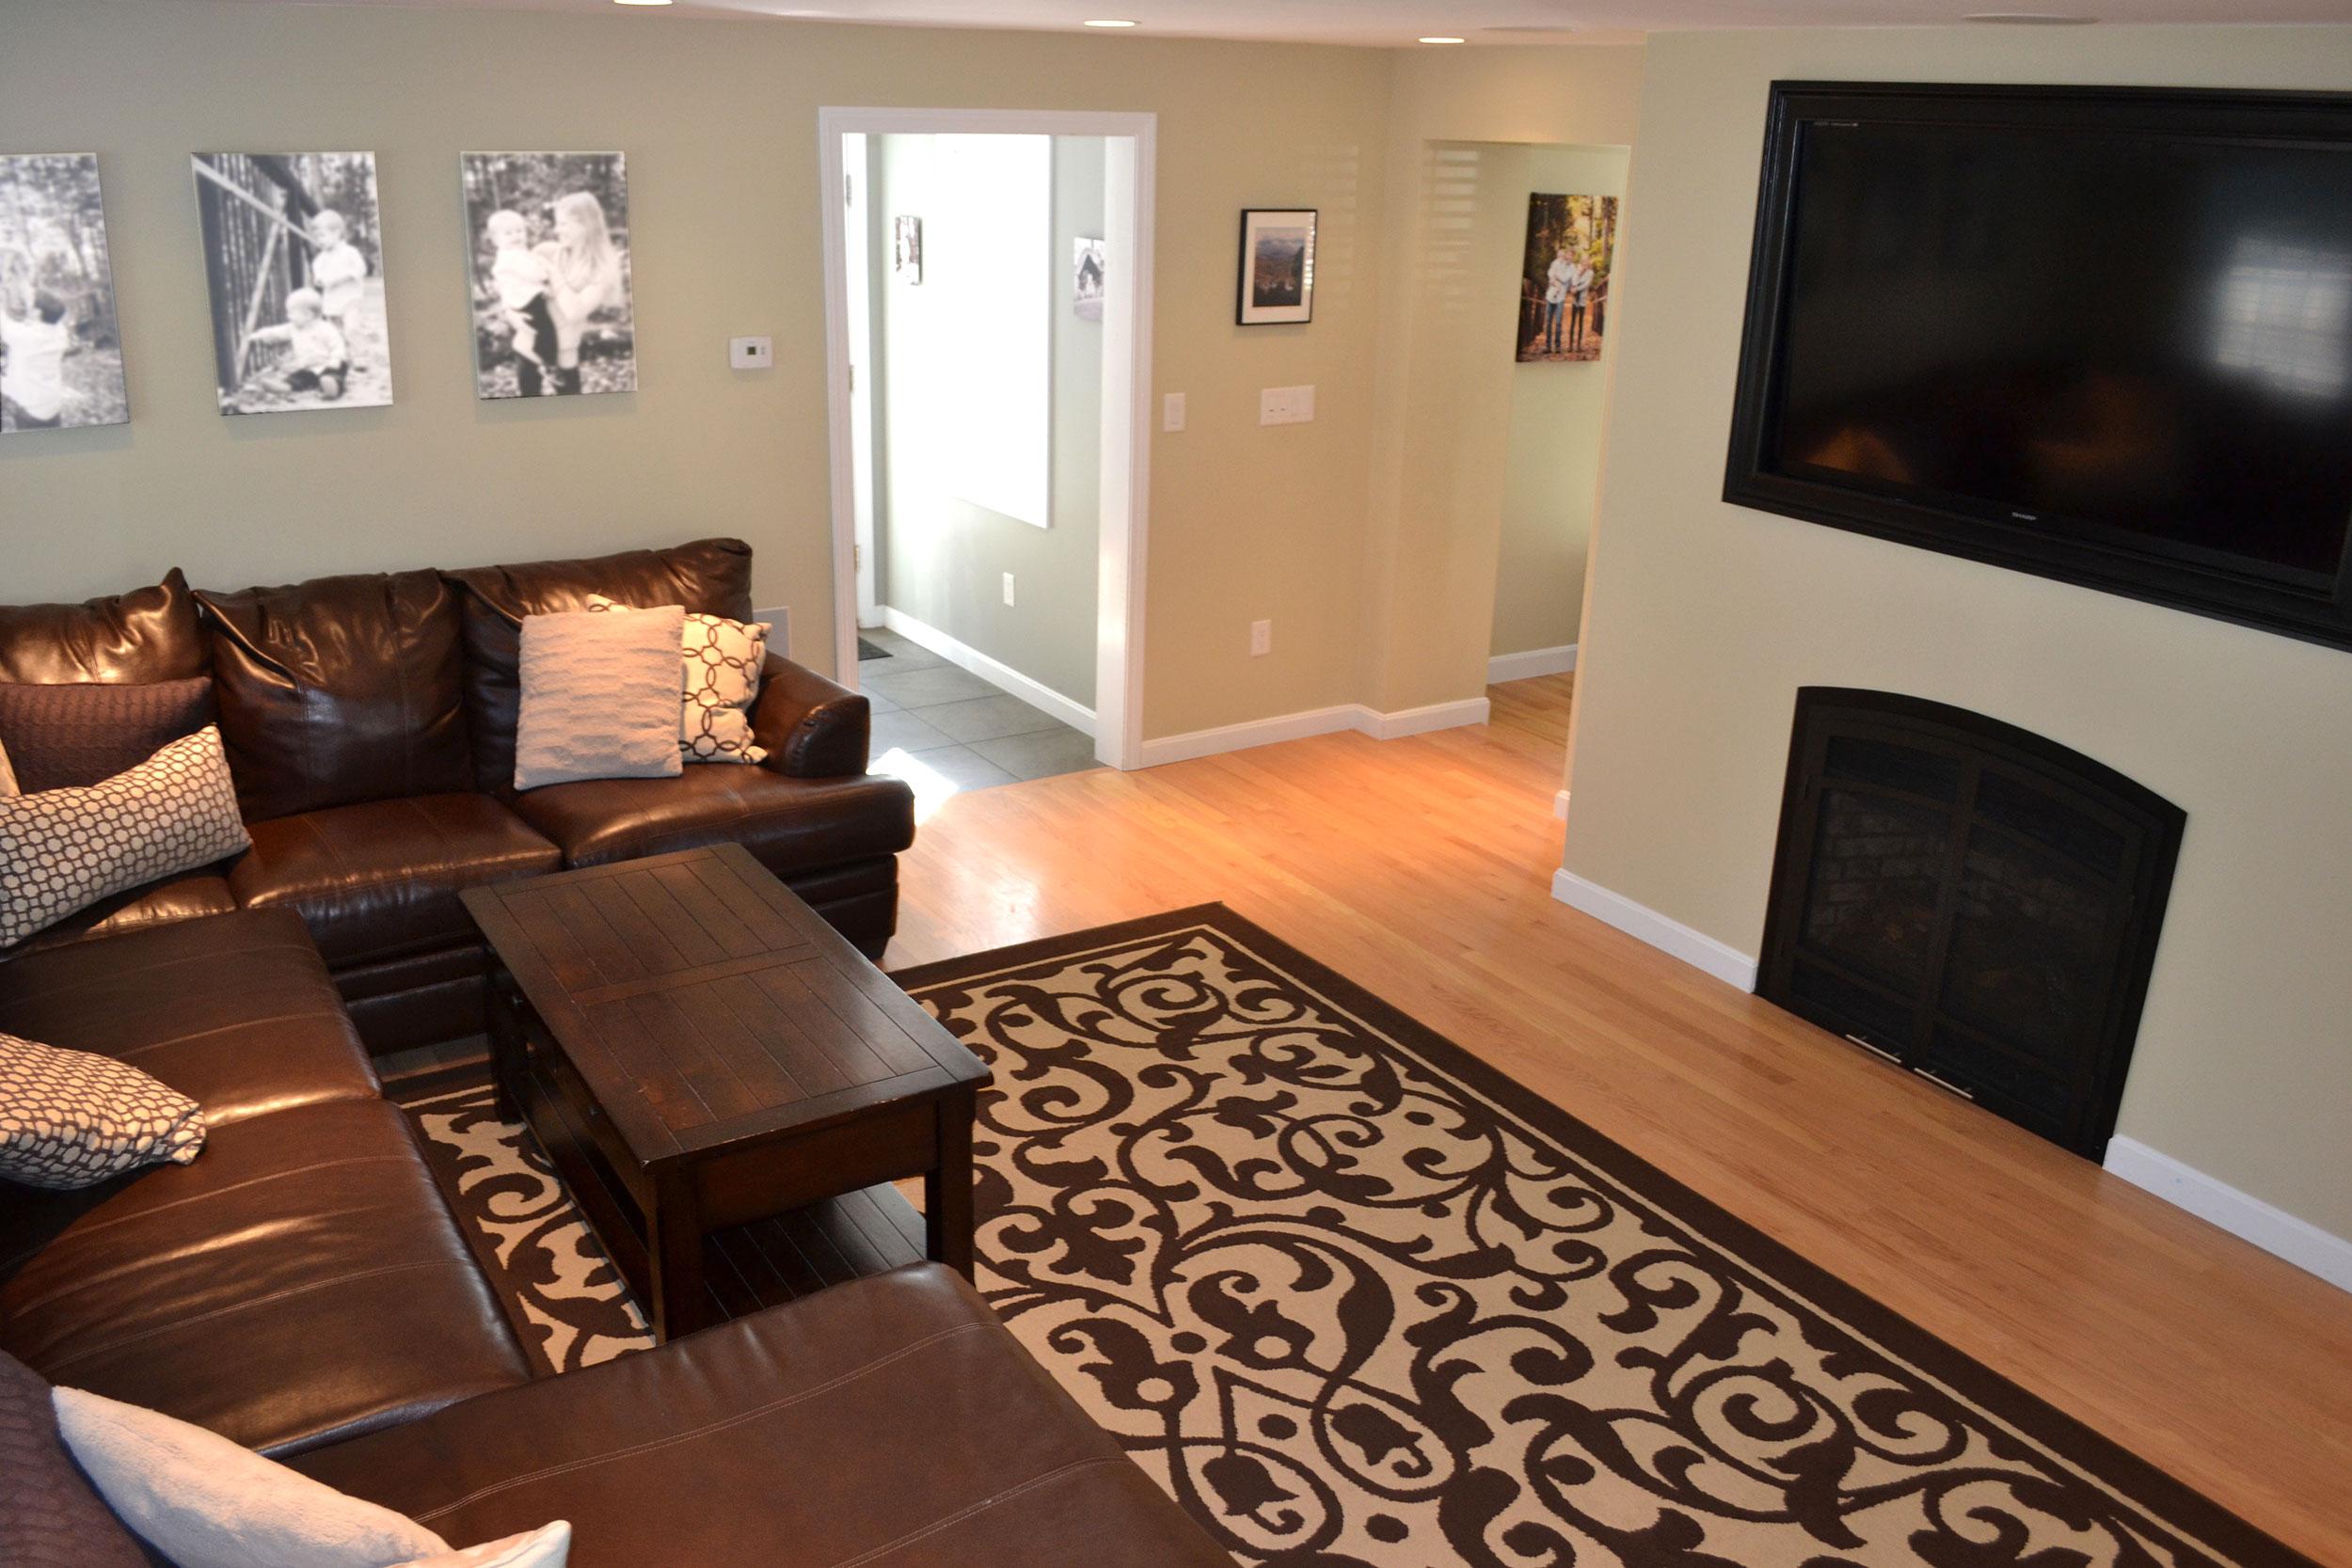 08-living-room-2.jpg